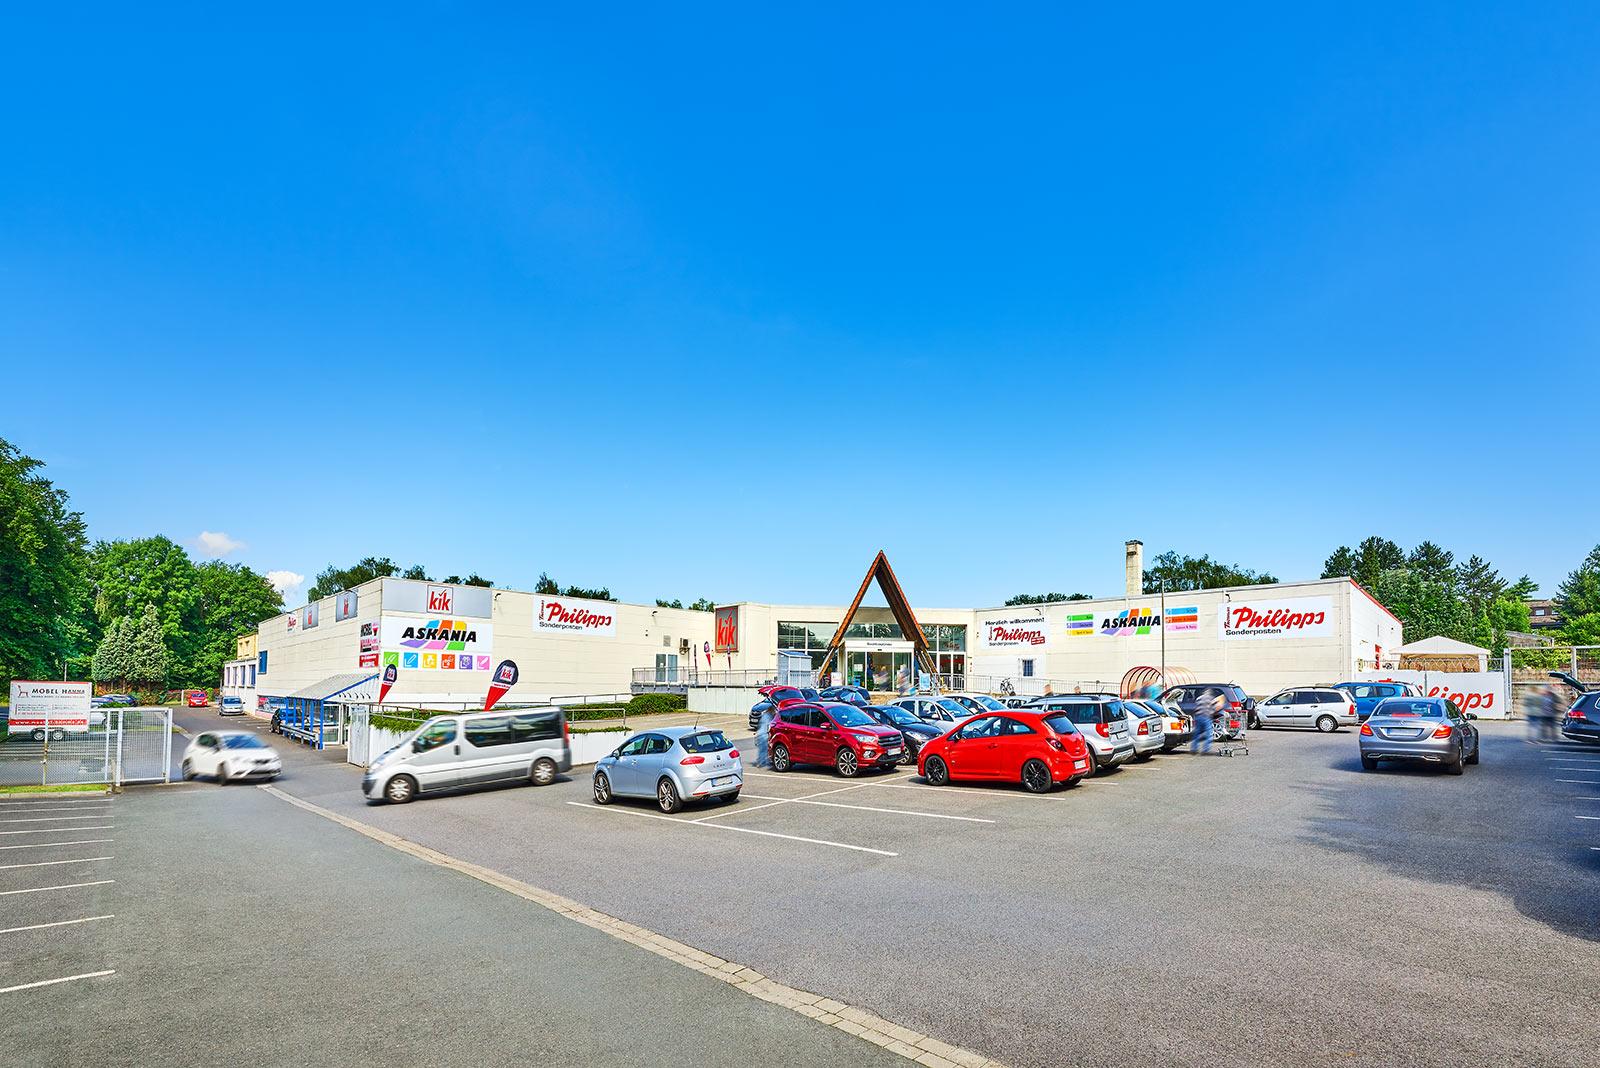 Immobilie in Oer-erkenschwick: Multi-Tenant: Einzelhandel, Möbelhaus, Tierarzt, Wohnen